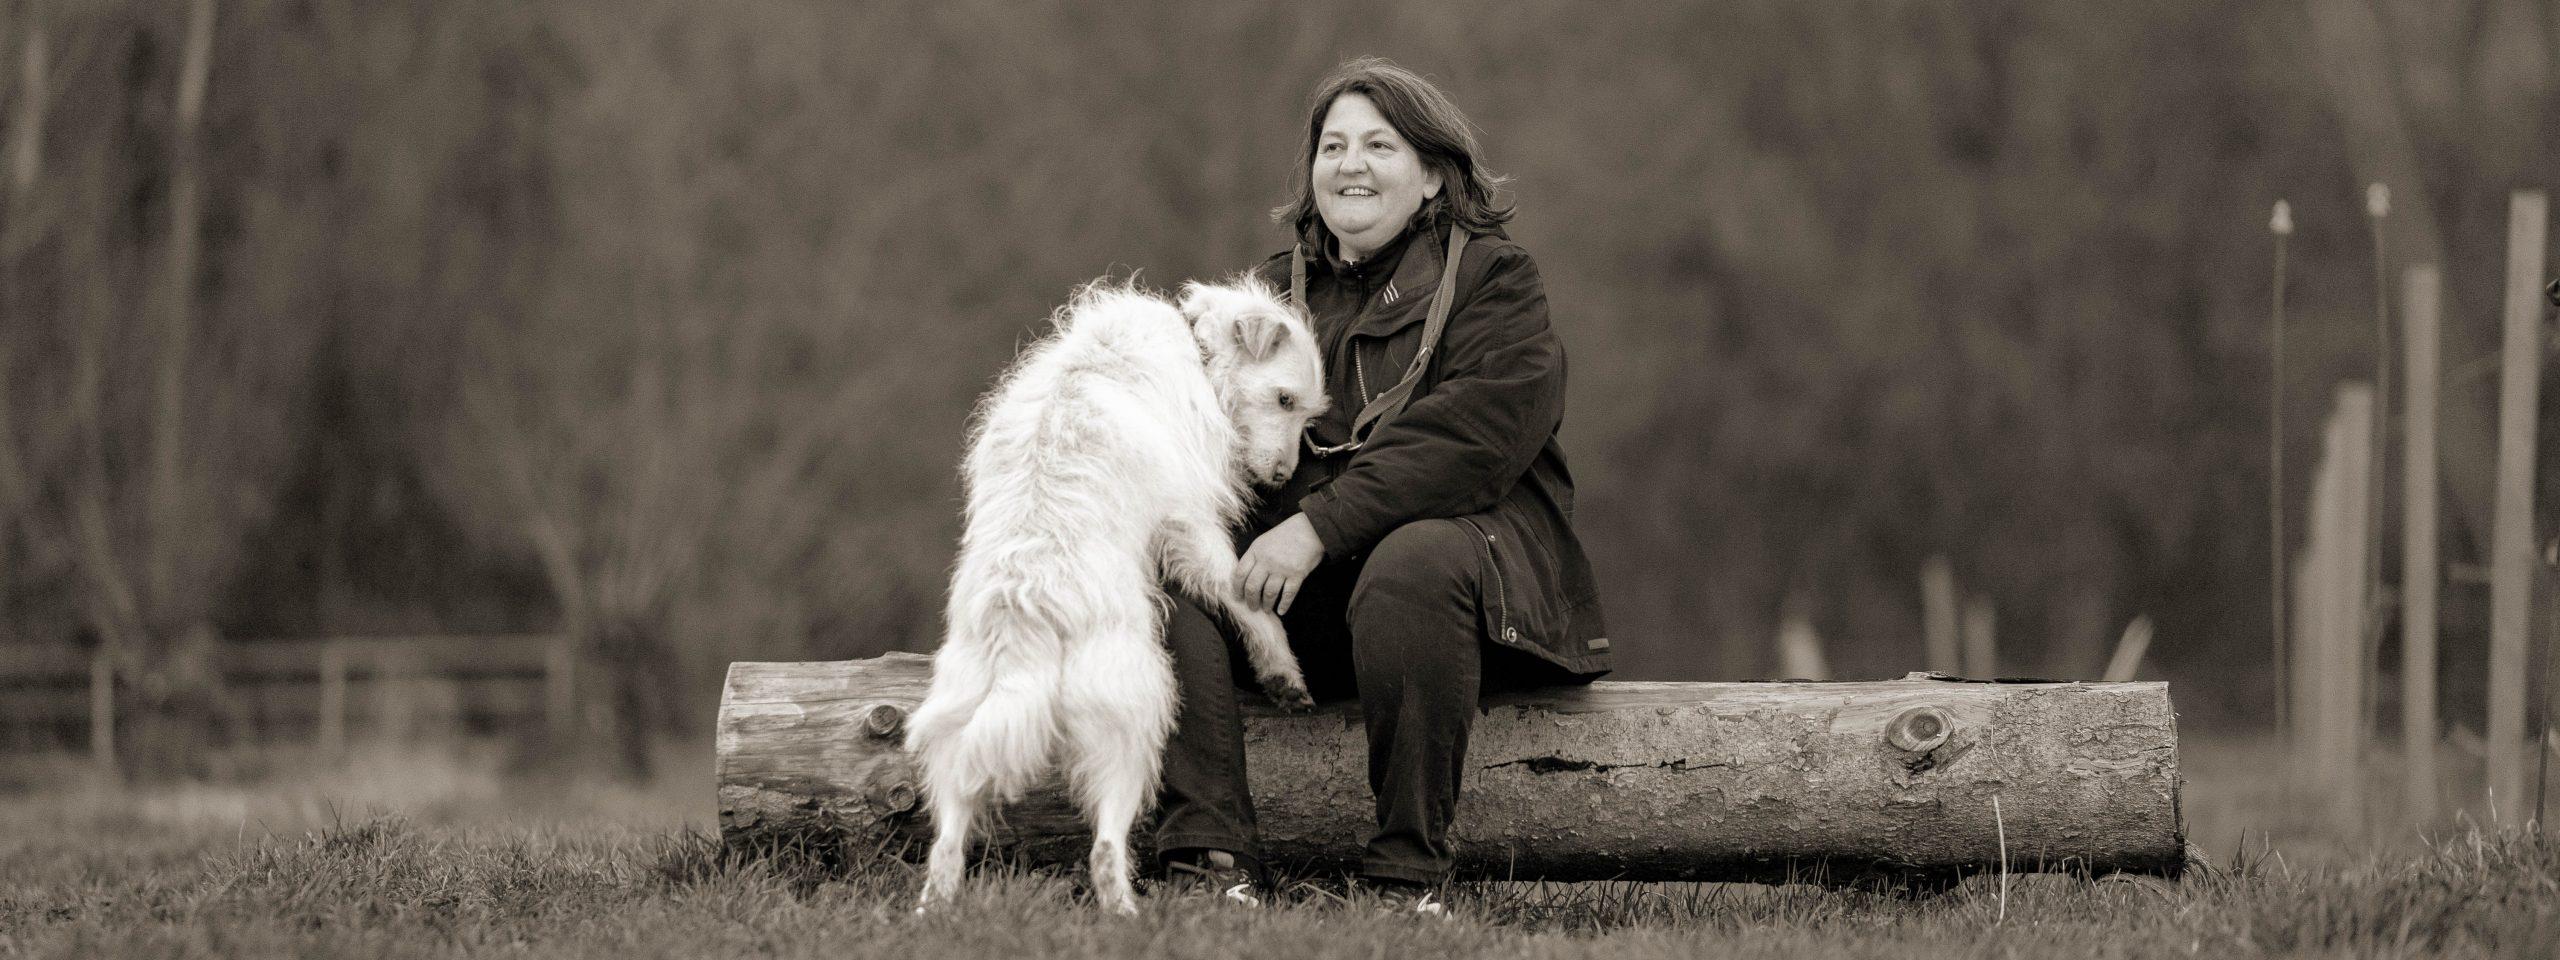 Susanne Allgeier sitzt auf einem Baumstamm, ihre Hündin lehnt sich an sie an